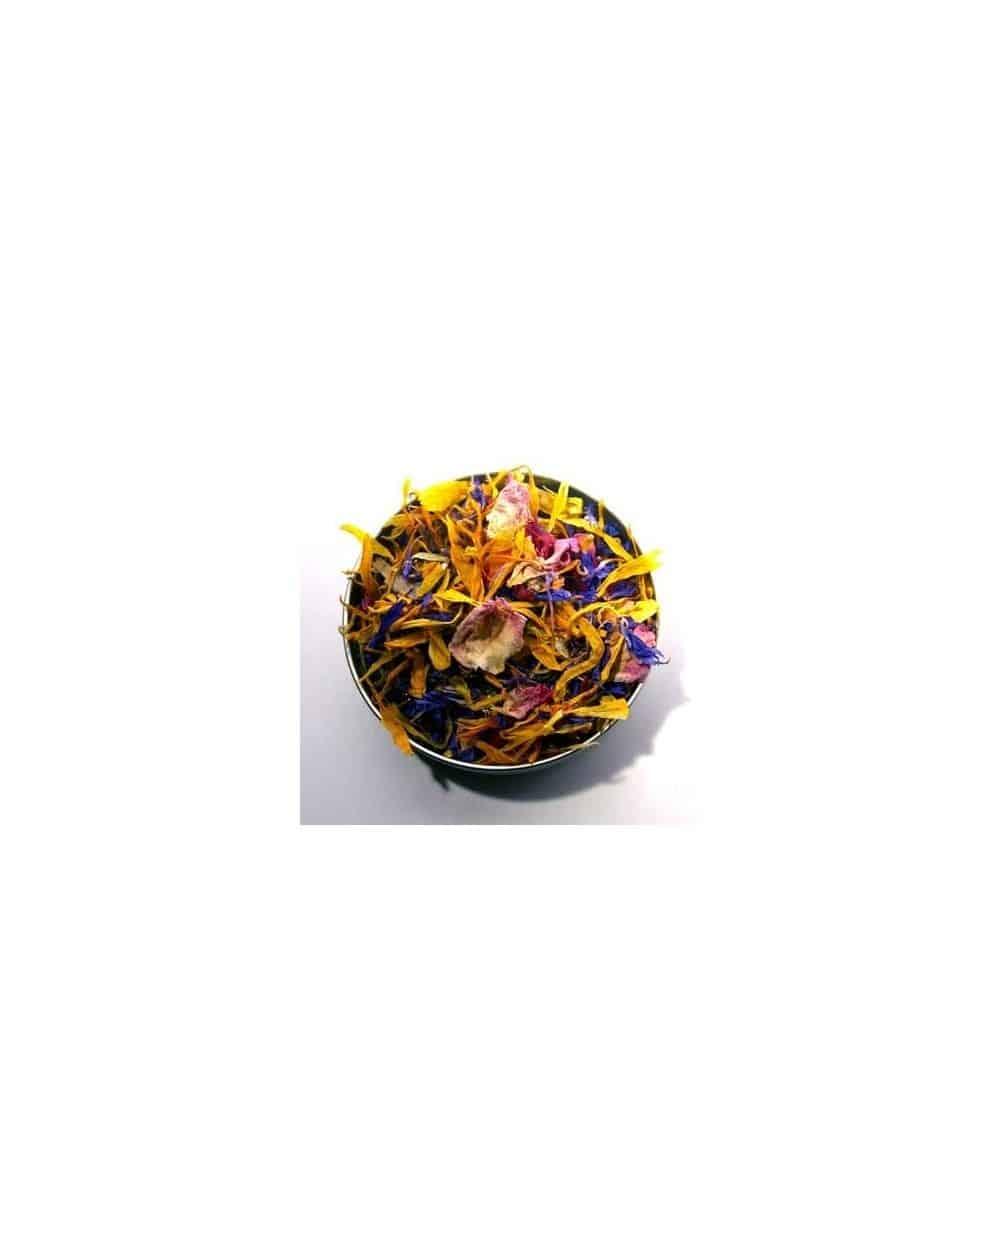 Salade de Fleurs 6g